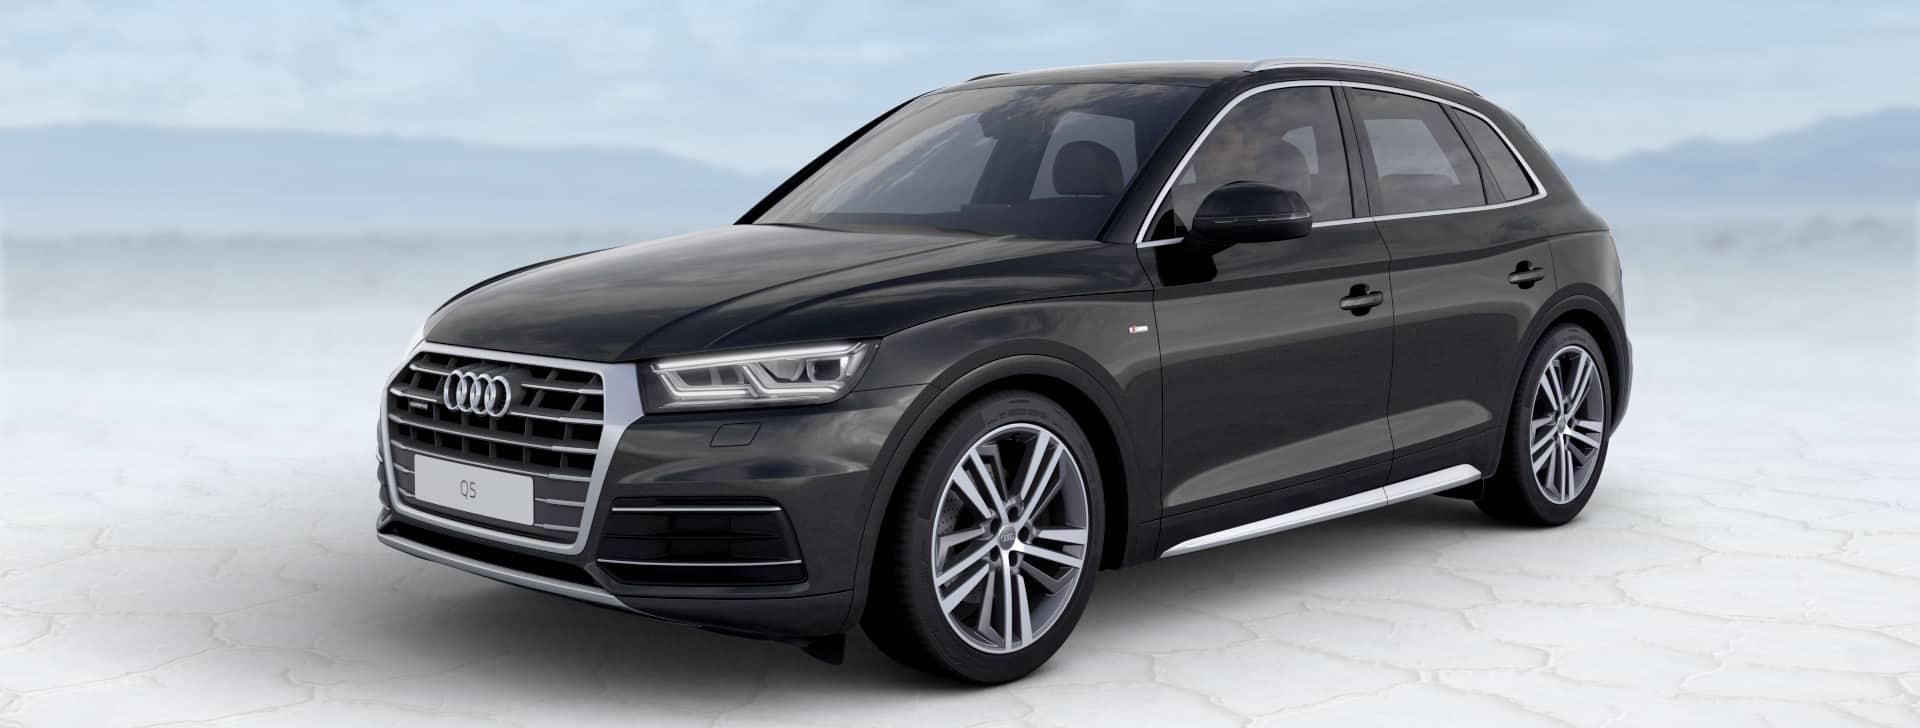 Audi Q New Audi Q Models Audi SA Home Audi SA - Audi q5